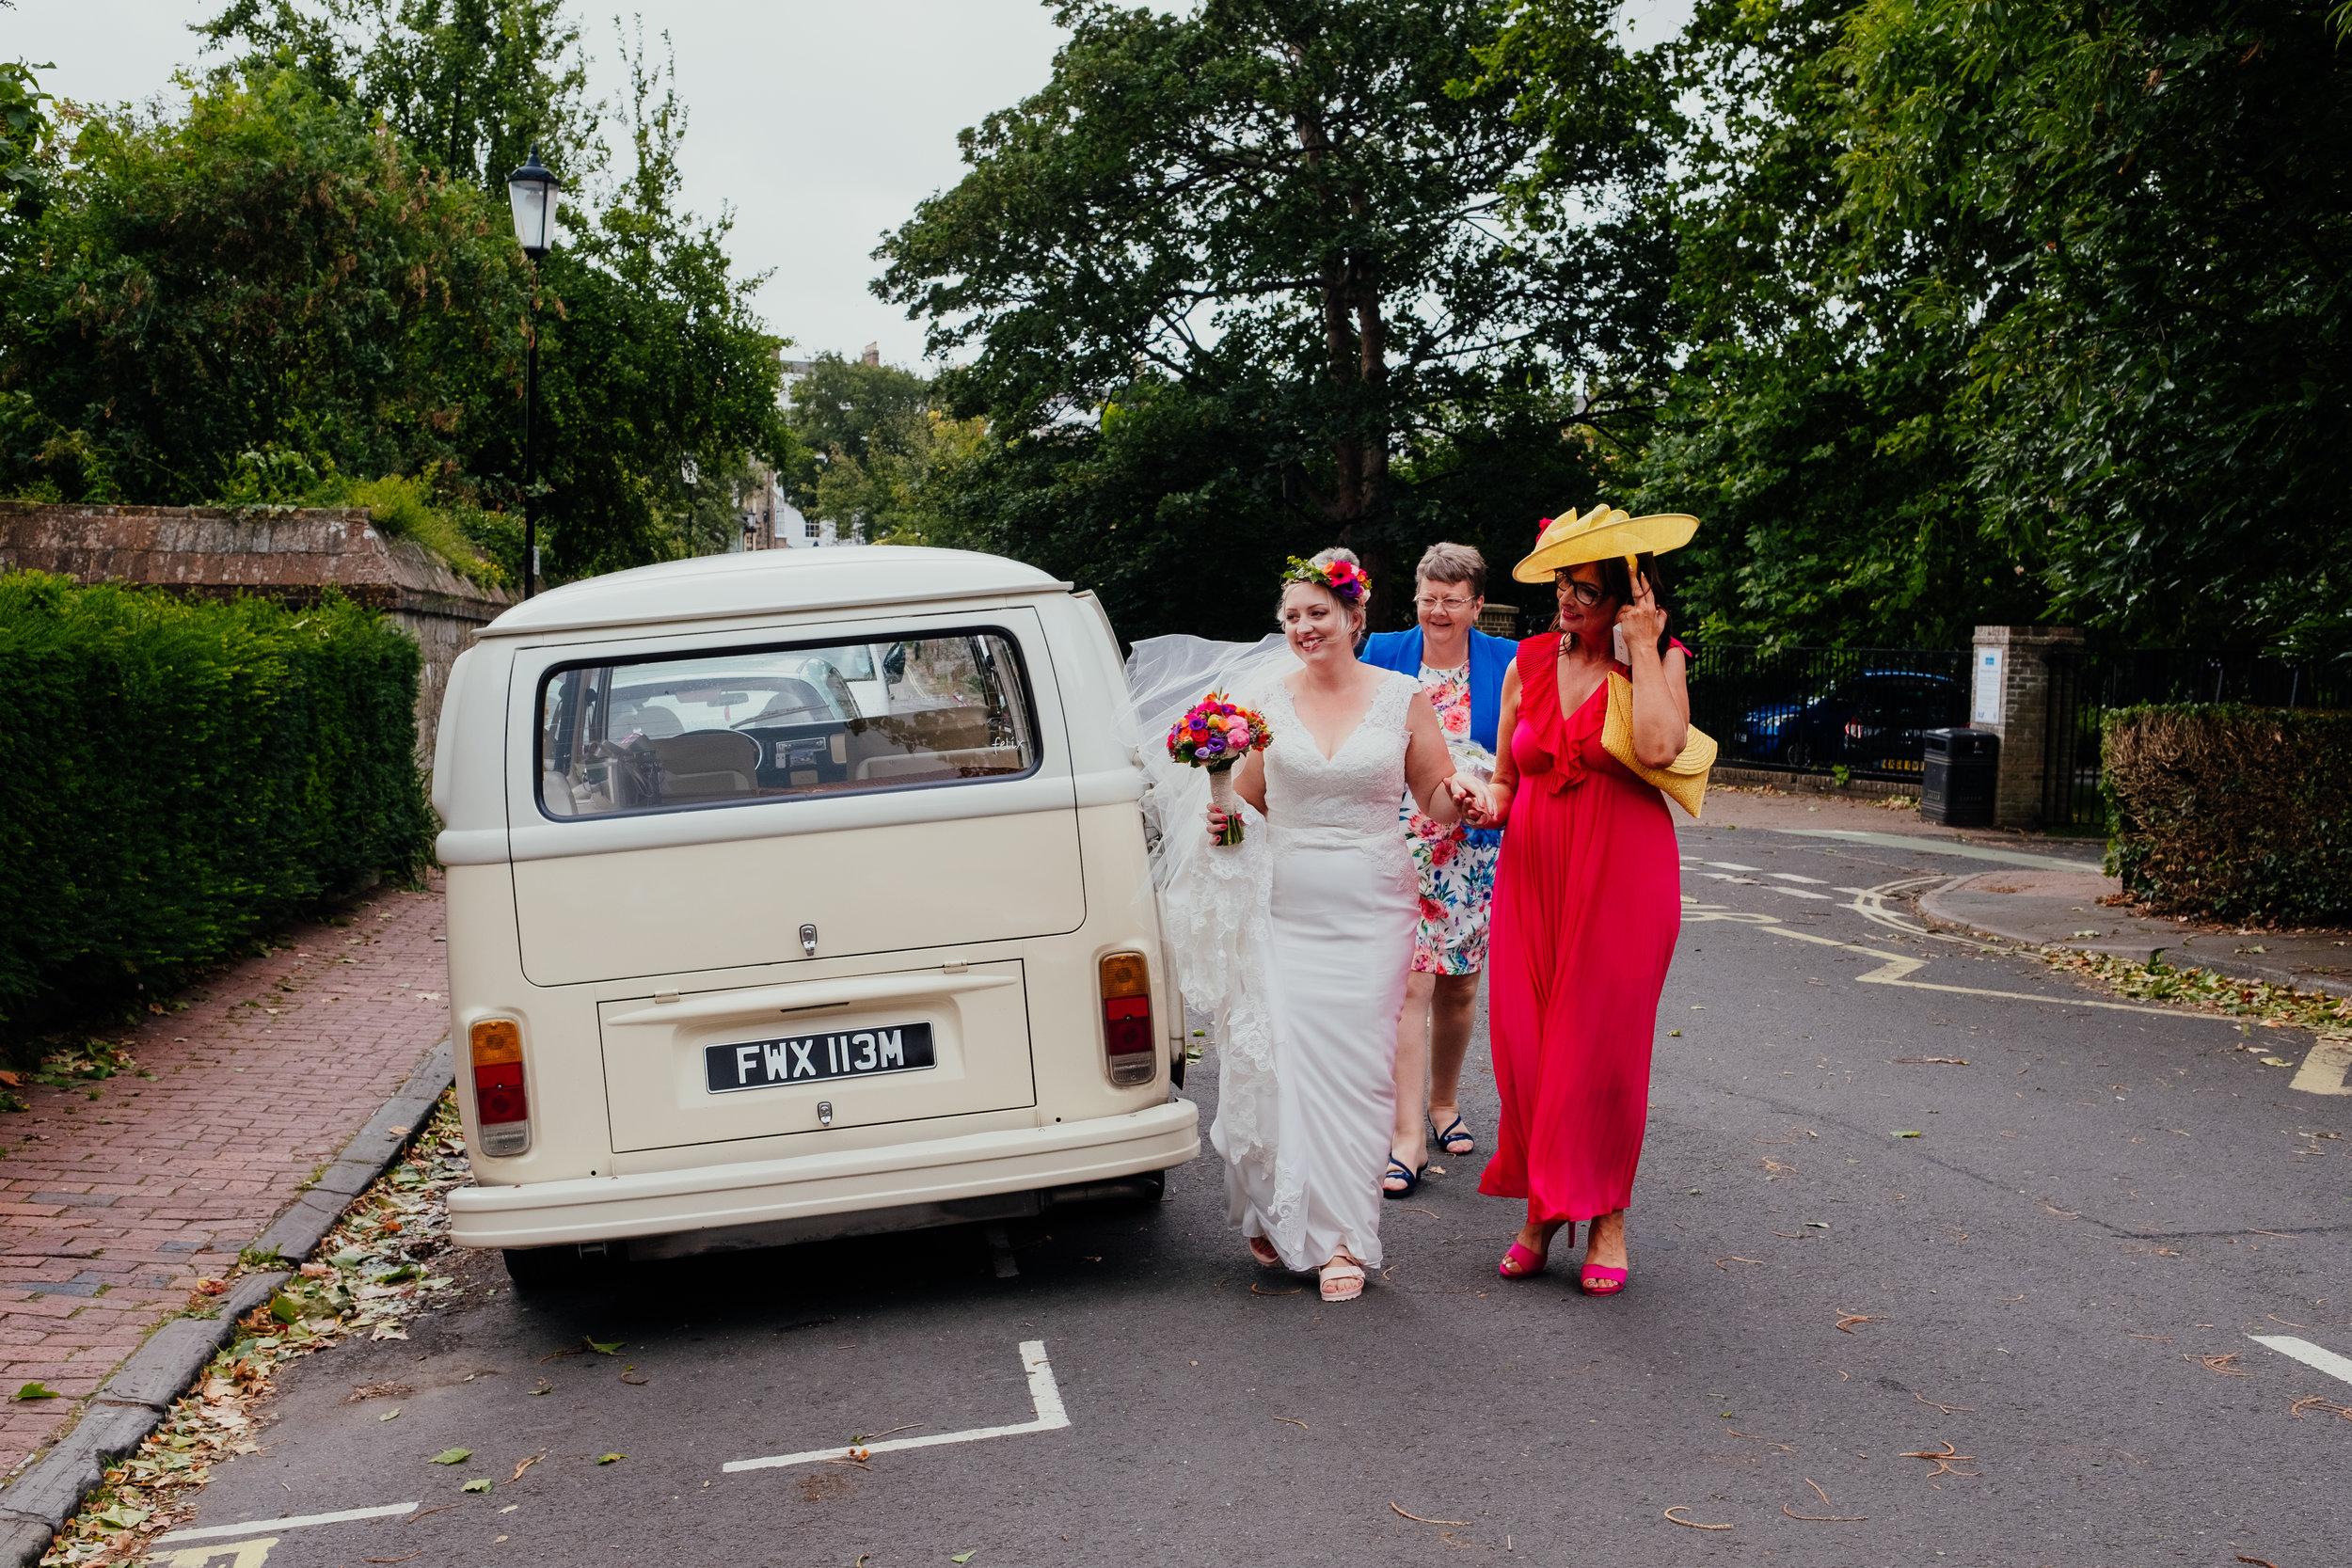 Vegan bride arrives at wedding in VW camper van